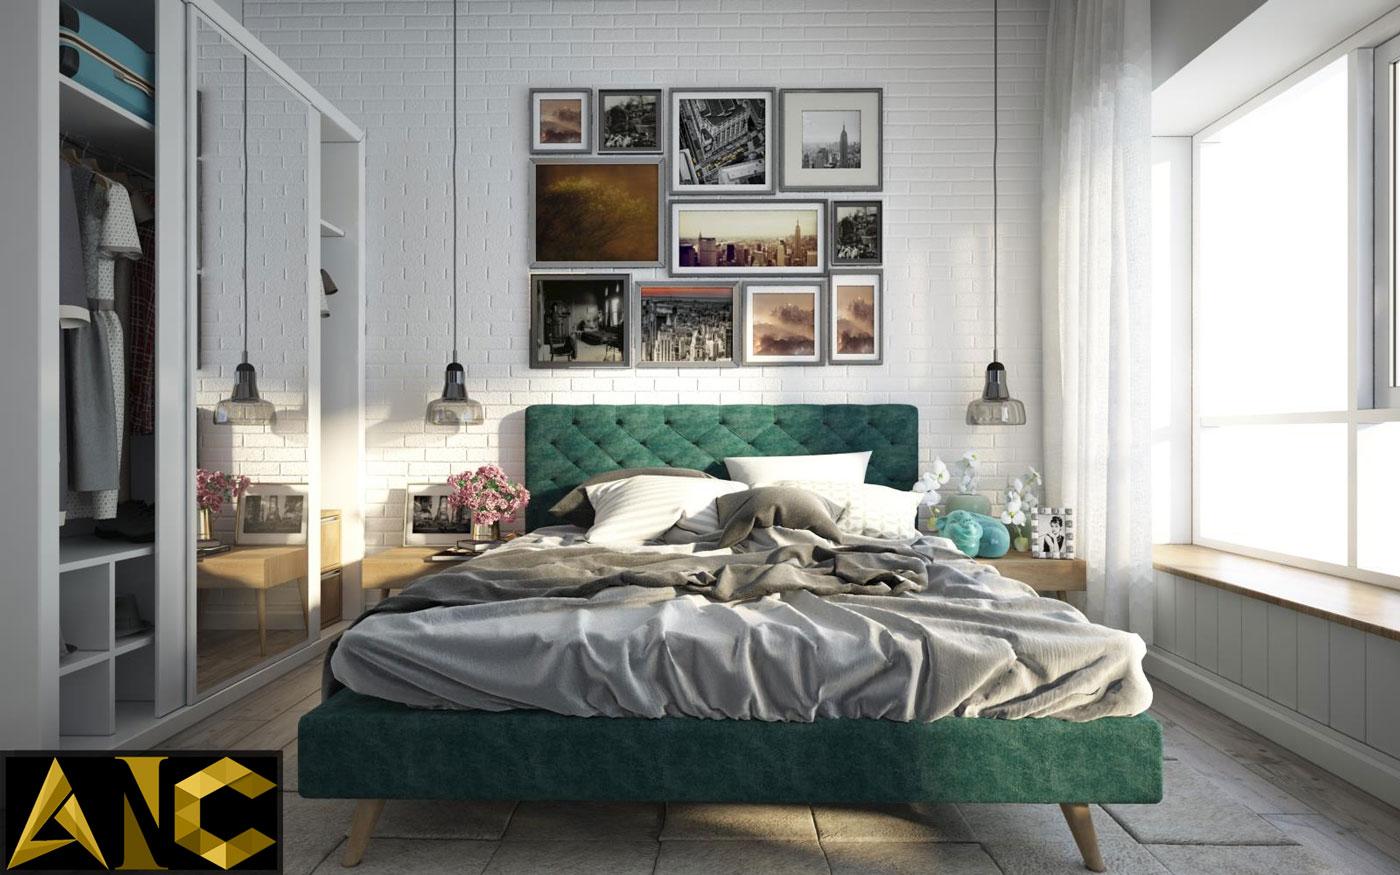 Thiết kế thi công nội thất: Happy Valley - phòng ngủ nhỏ đẹp